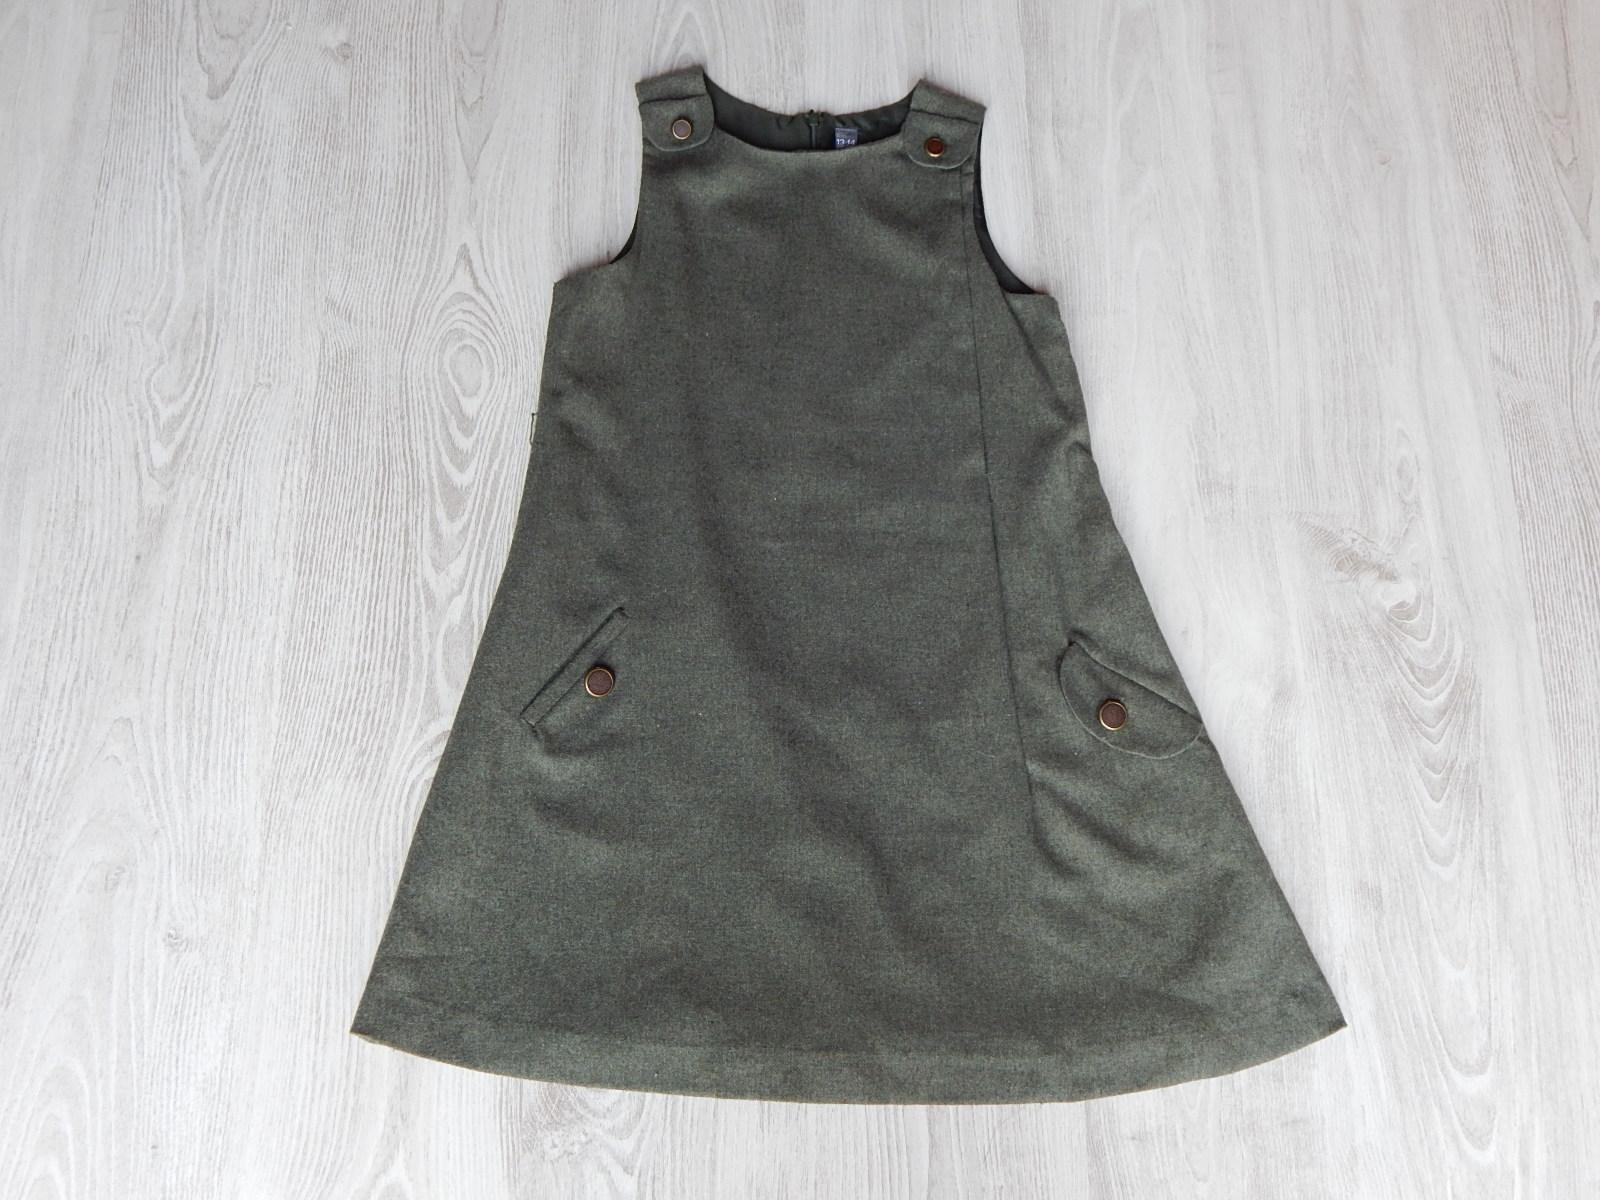 a7b7340bd9 Zöld Zara szövetruha [158-164 (13-14 év) / Lány ruhák] :: Lótusz ...